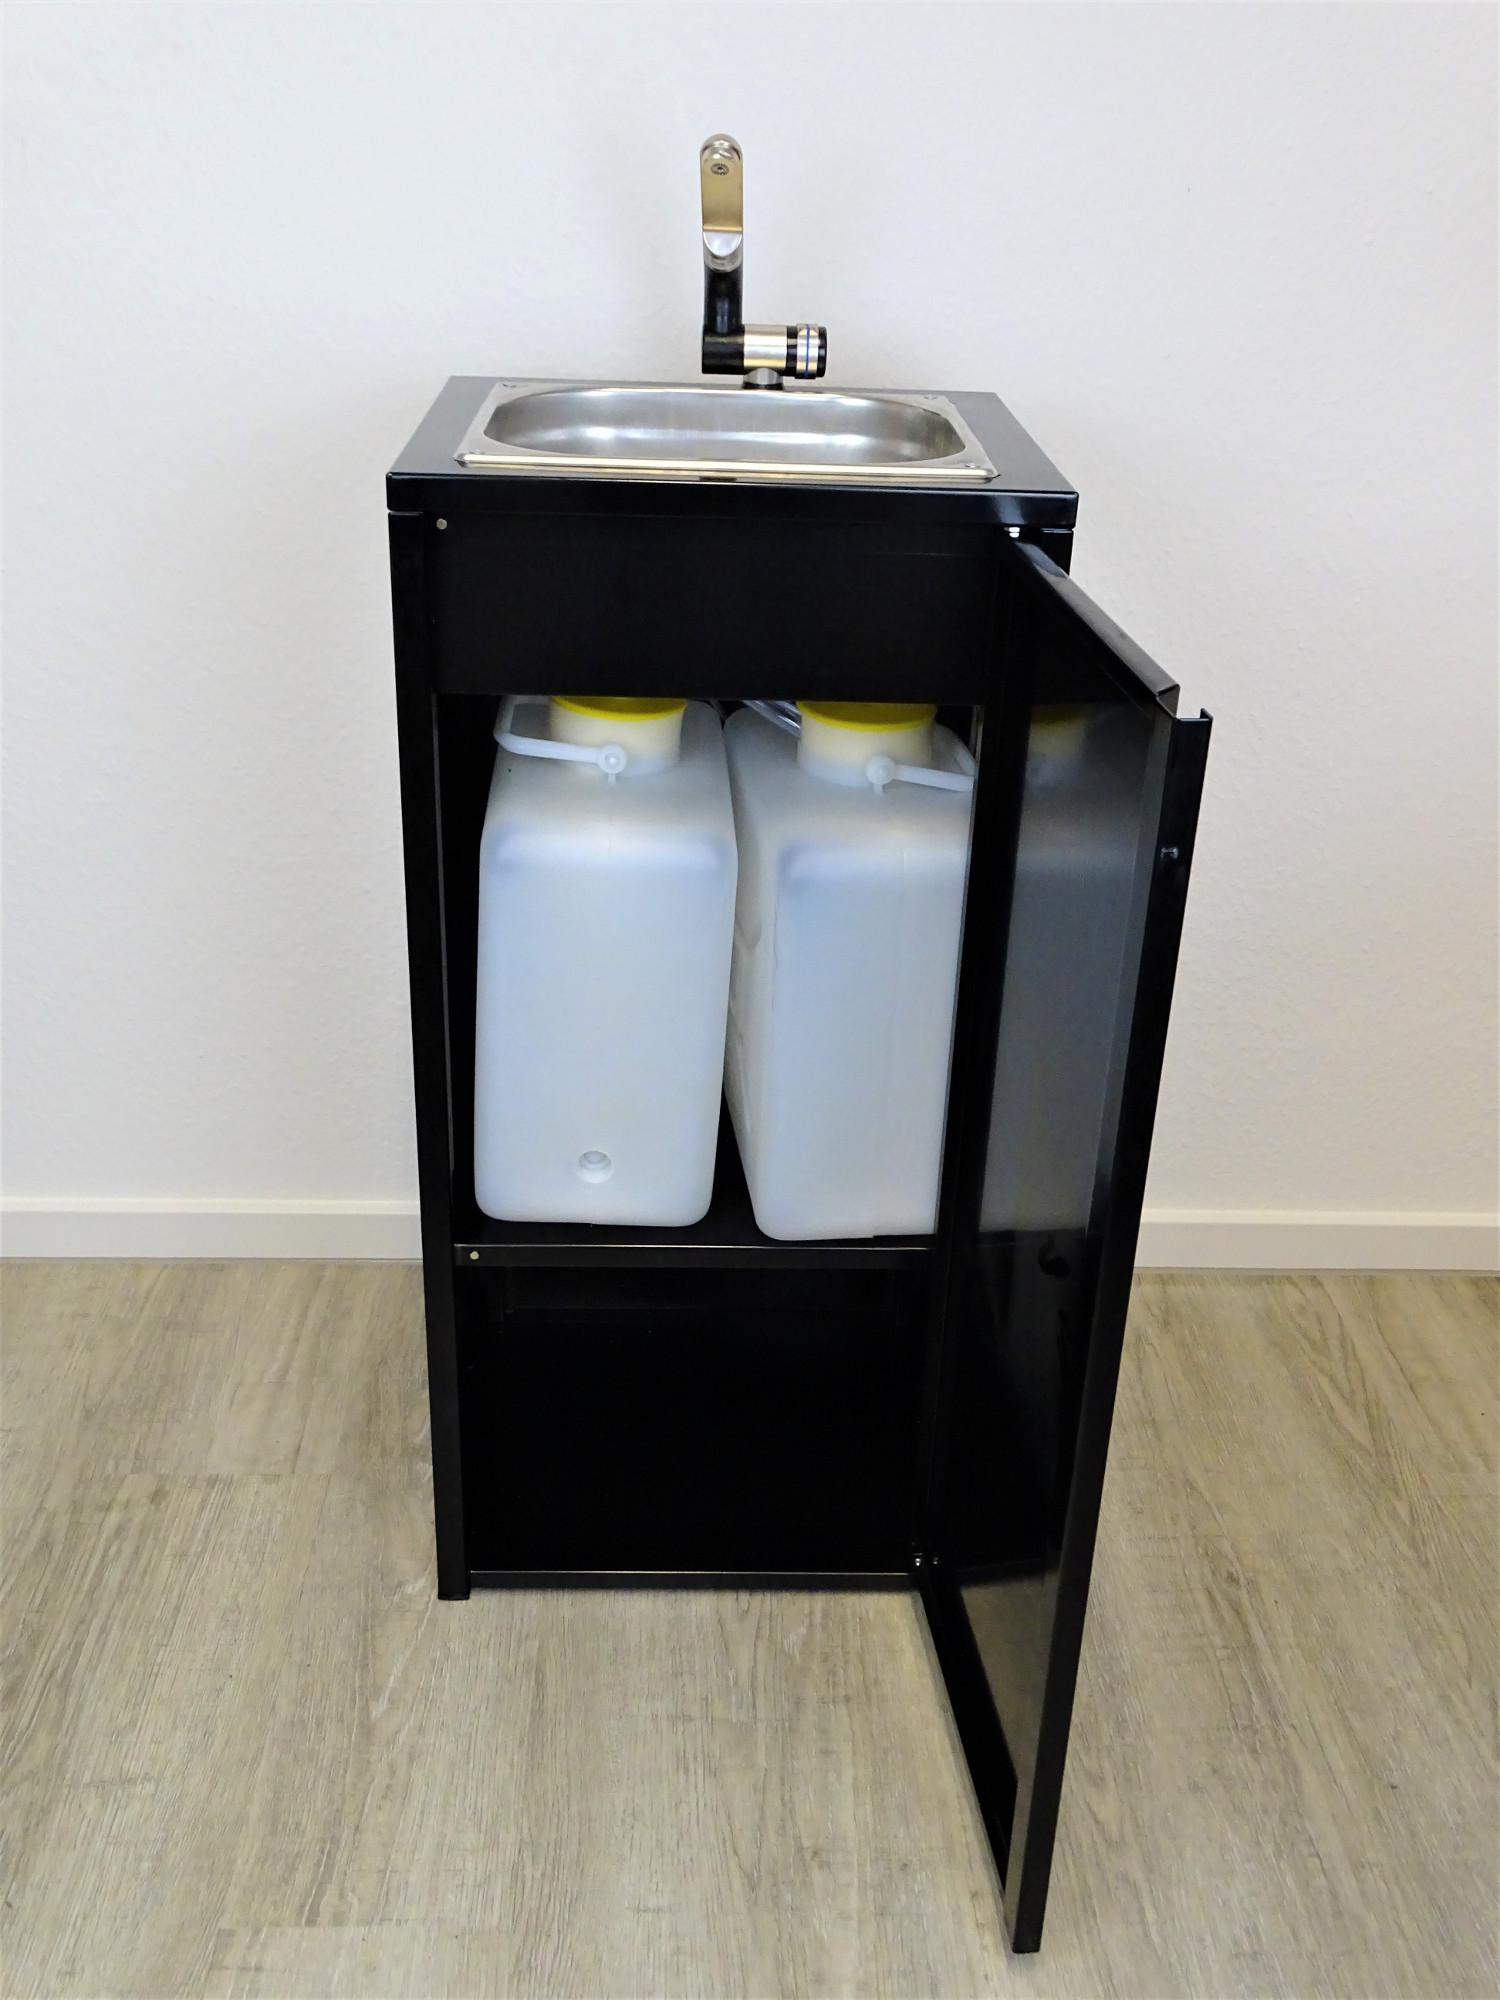 mobiles waschbecken sp lbecken handwaschbecken camping mit k chenrollenhalter ebay. Black Bedroom Furniture Sets. Home Design Ideas